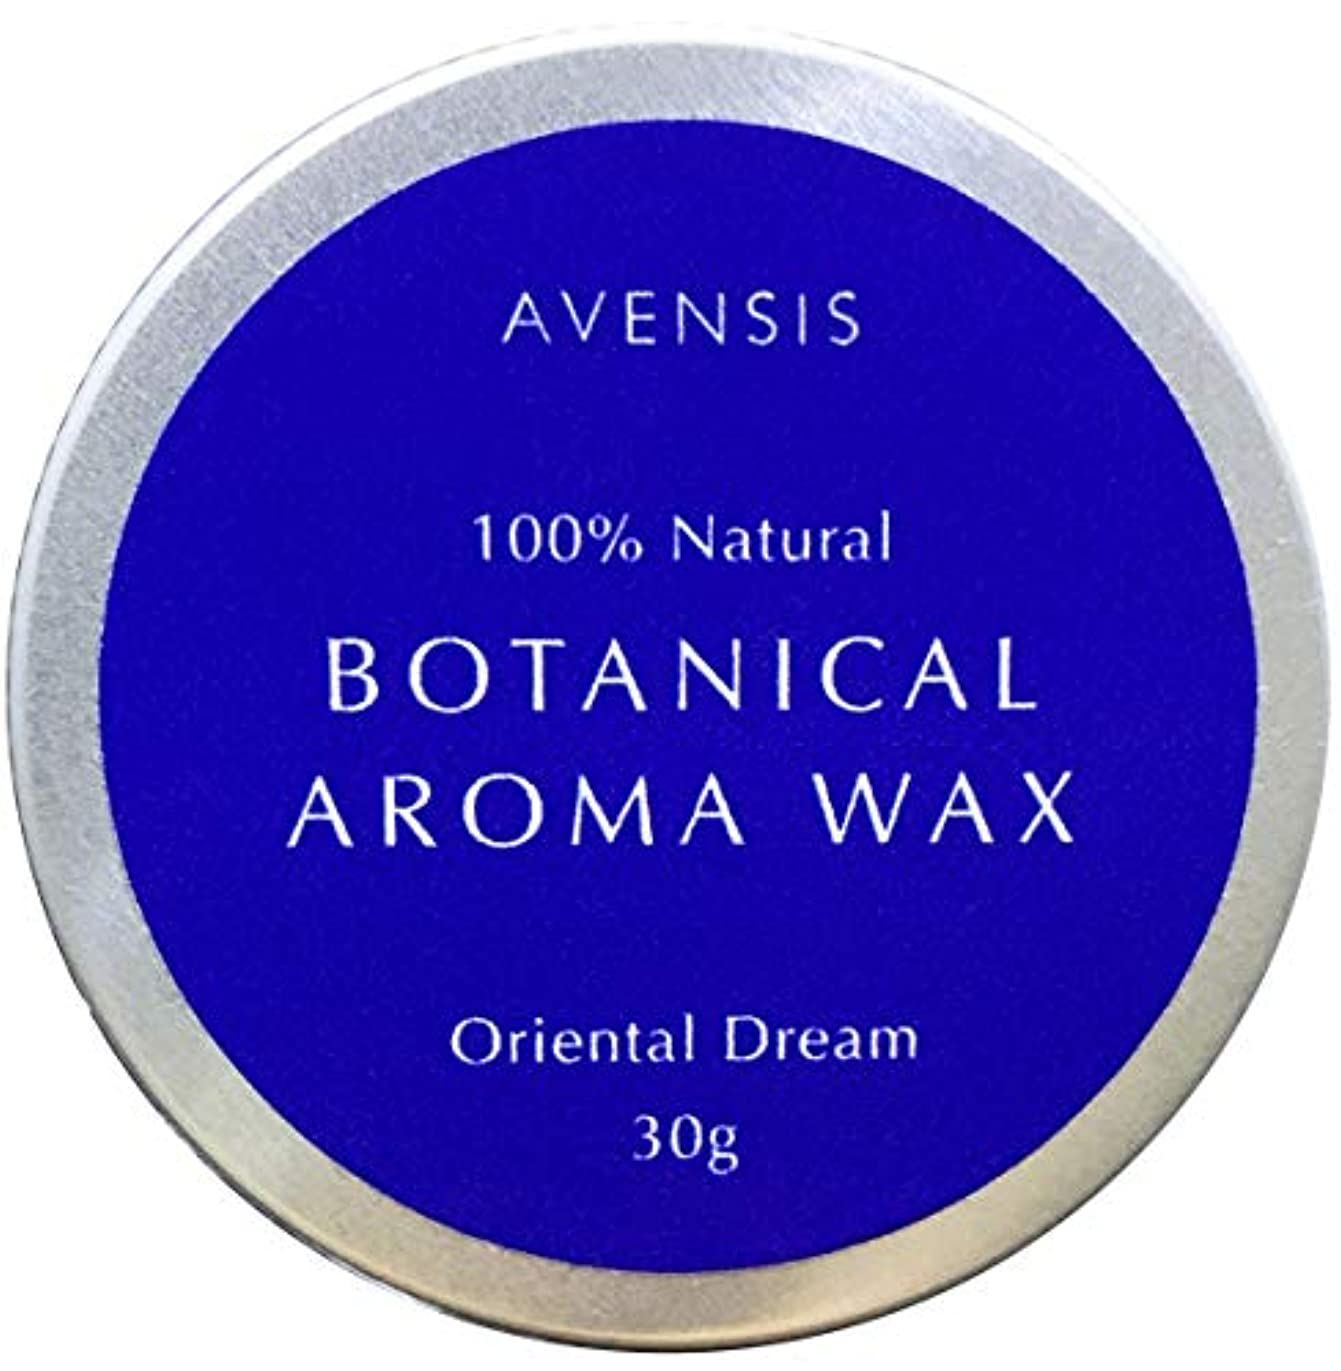 優れました遠え主要な【100% 天然由来成分 自然な香りと束感】 オーガニック ボタニカルアロマワックス ヘアワックス & ハンドクリーム 30g by アヴェンシス (オリエンタルドリーム)